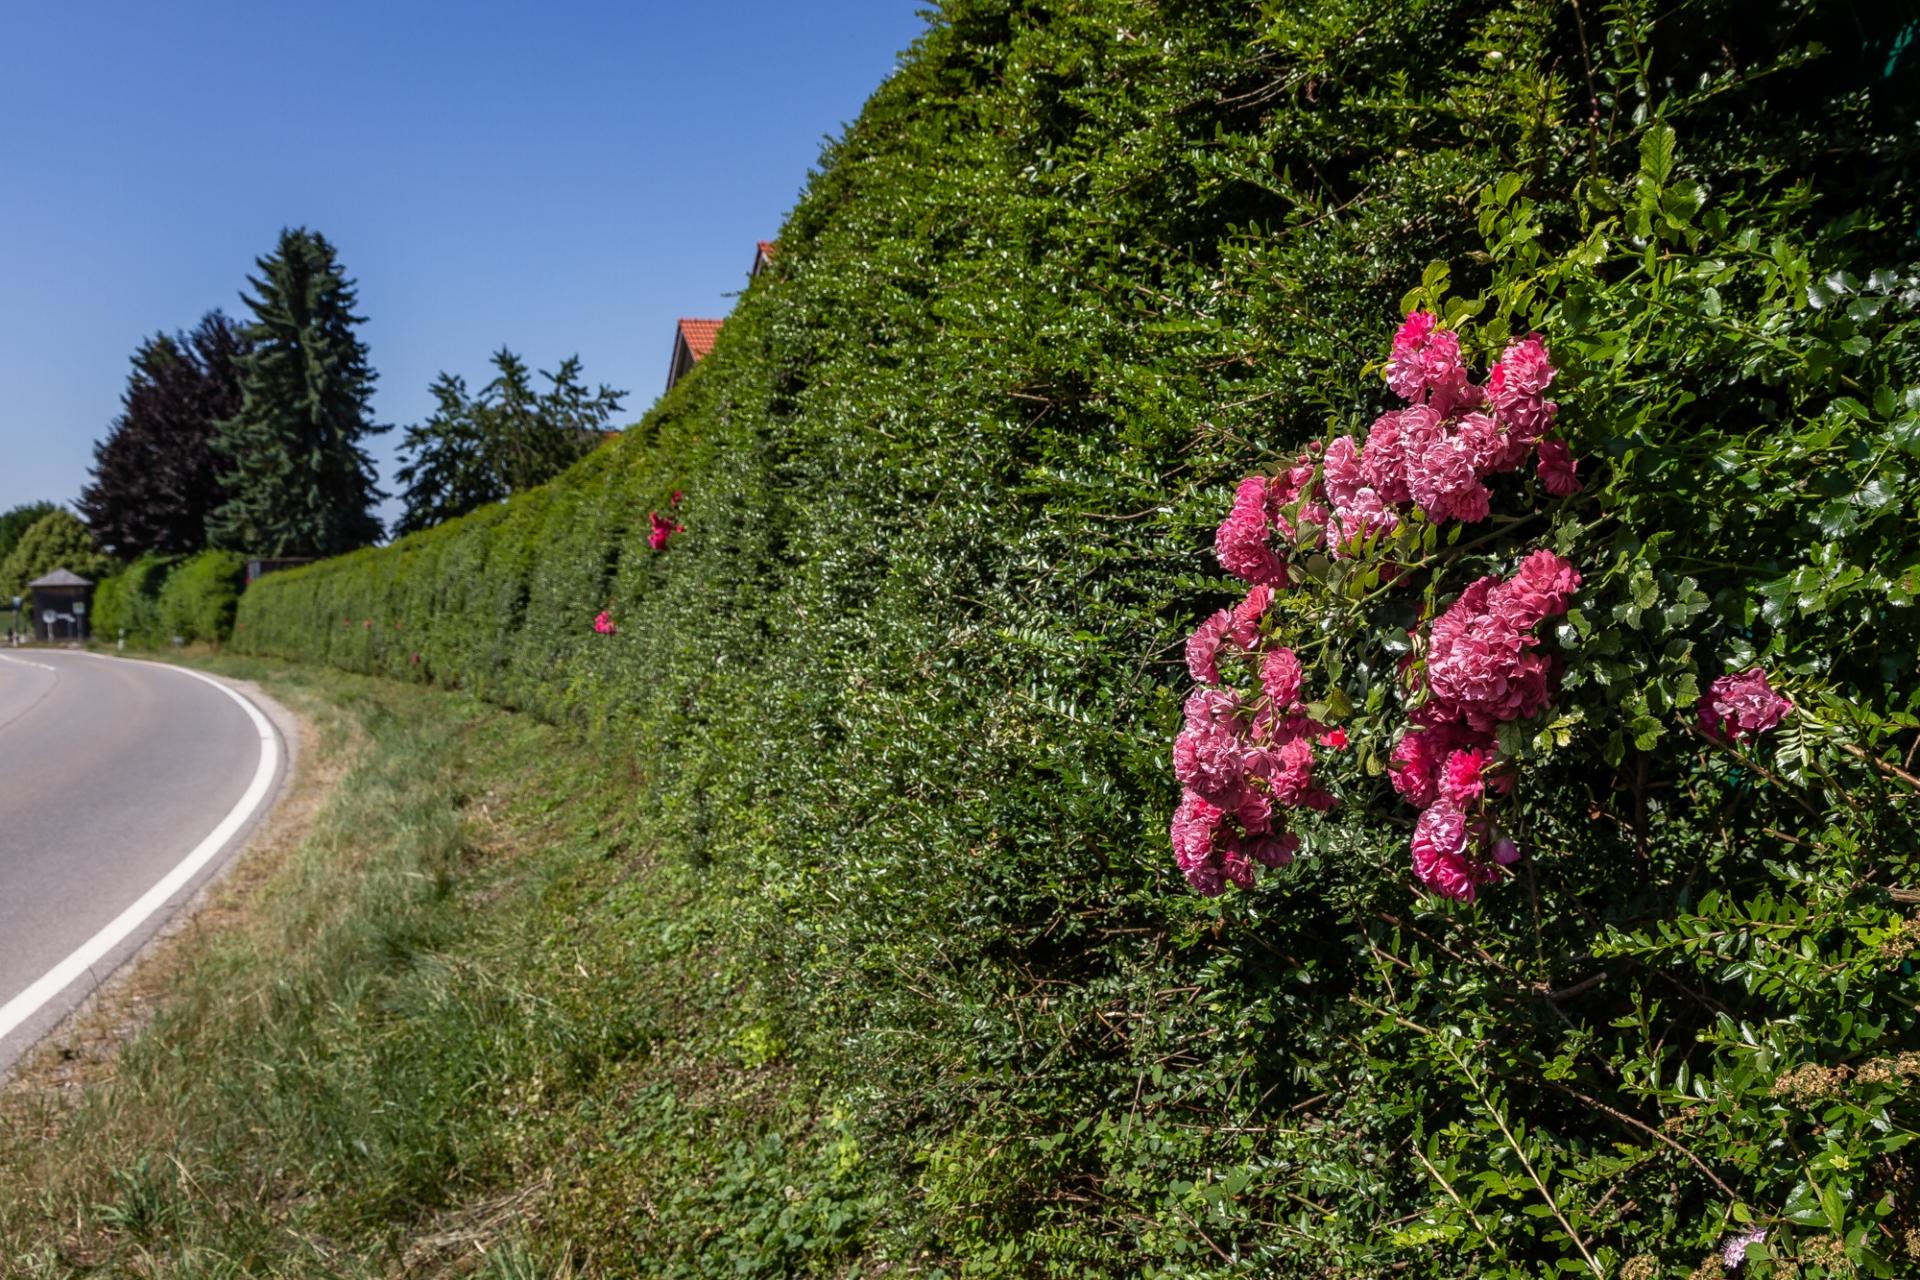 Ökologische Lärmschutzwand voll begrünt mit Rosen